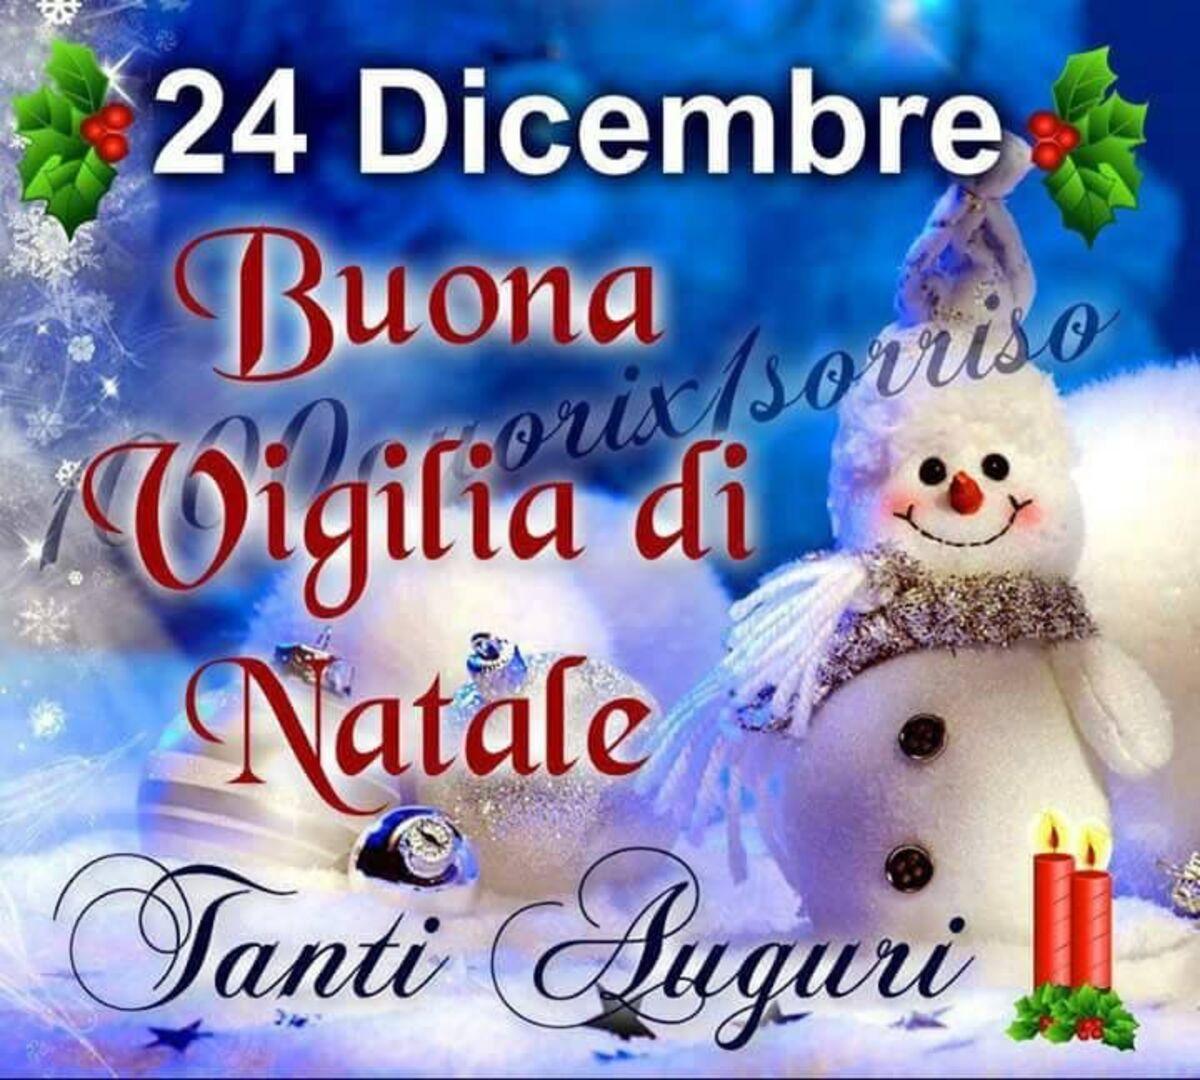 24 Dicembre Buona Vigilia di Natale Tanti Auguri